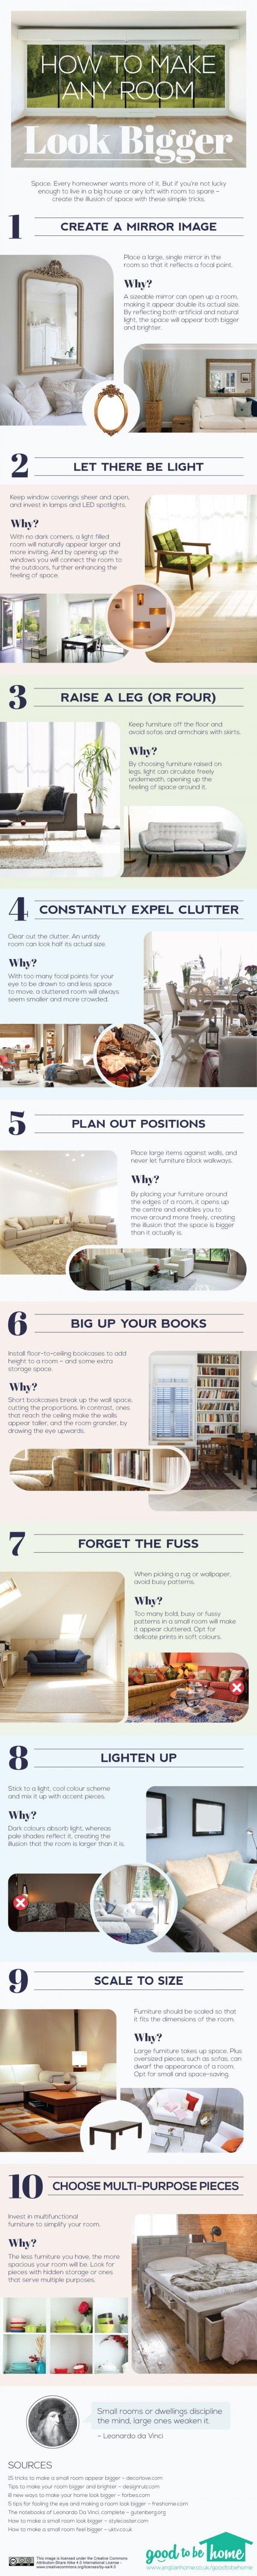 Make a Room Look Bigger